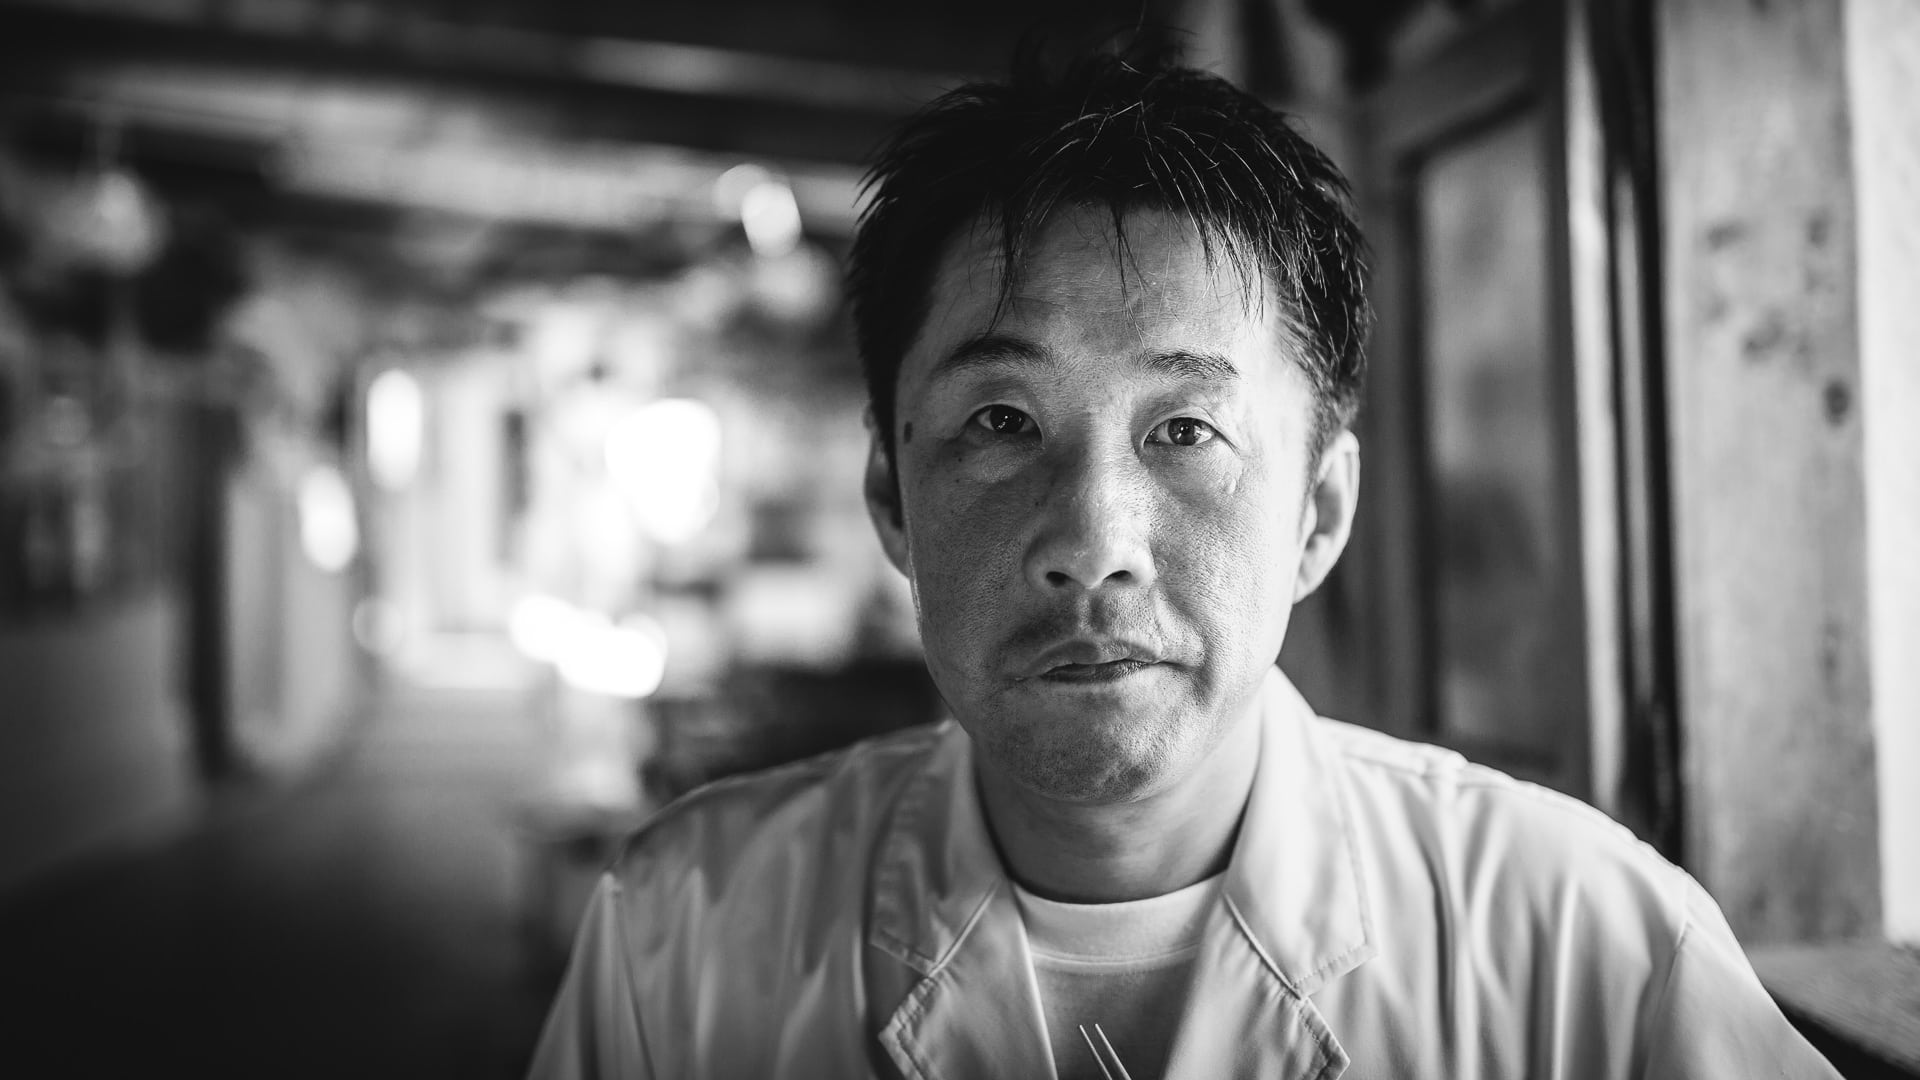 Hiroto Akama